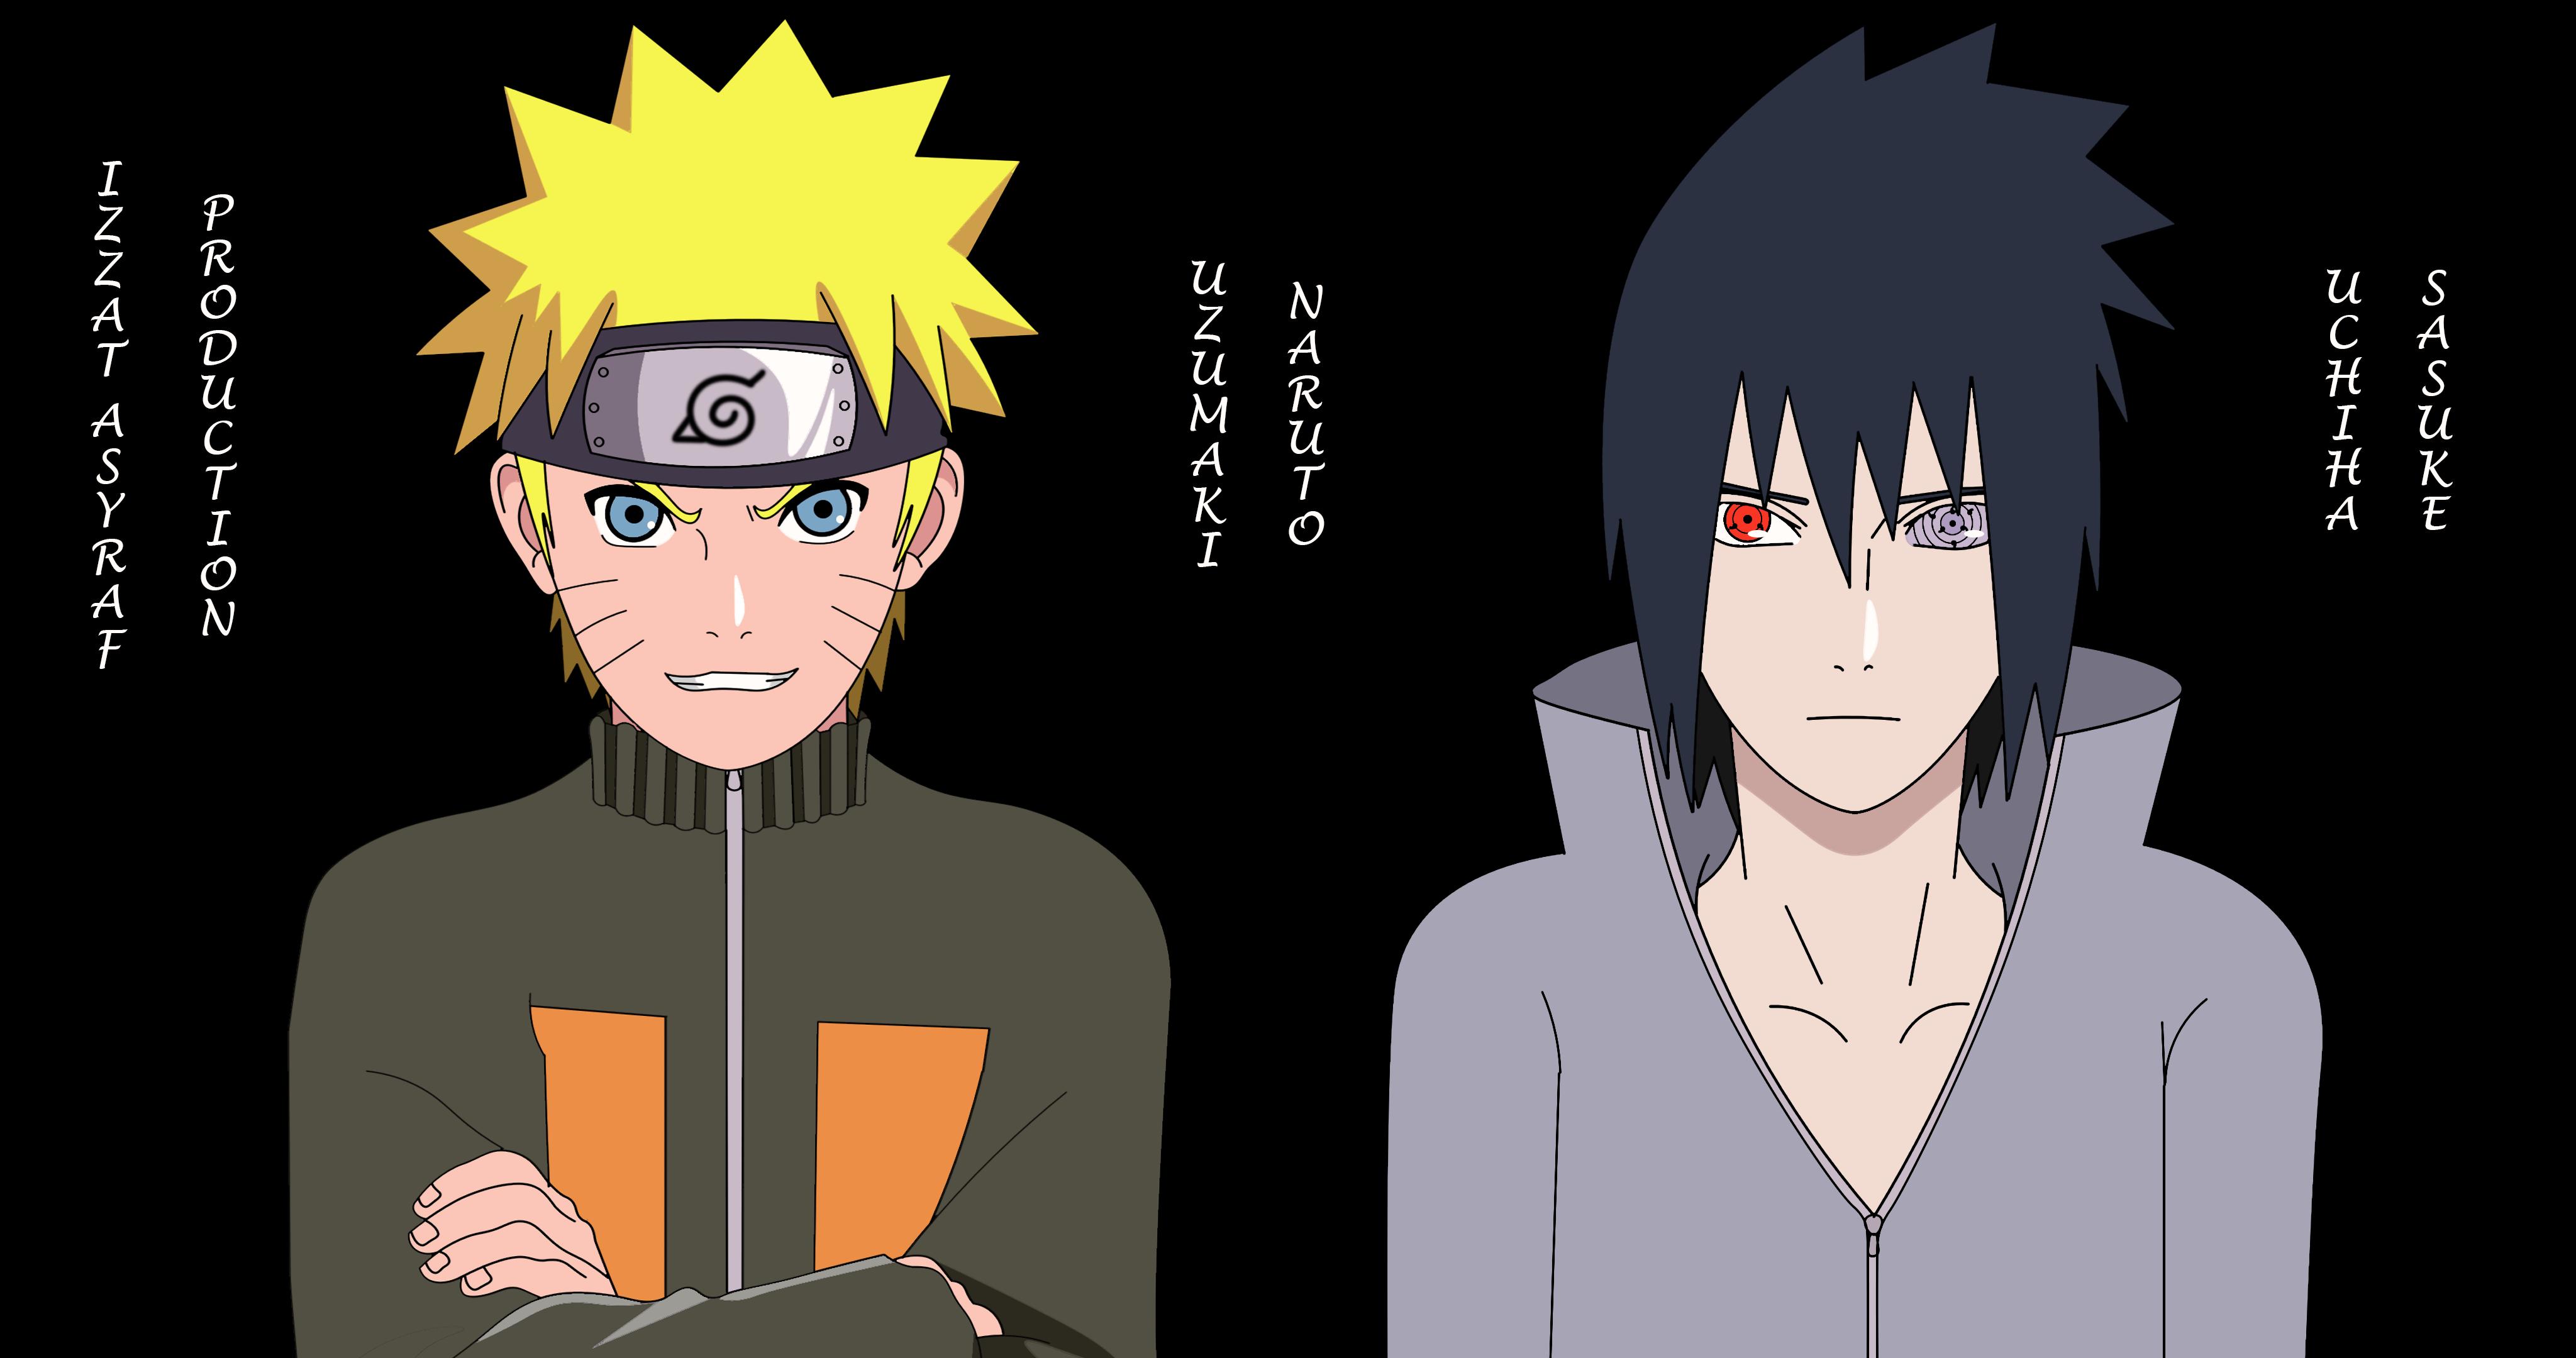 Naruto Sasuke 4k Wallpaper By Izzatasyraf On Deviantart